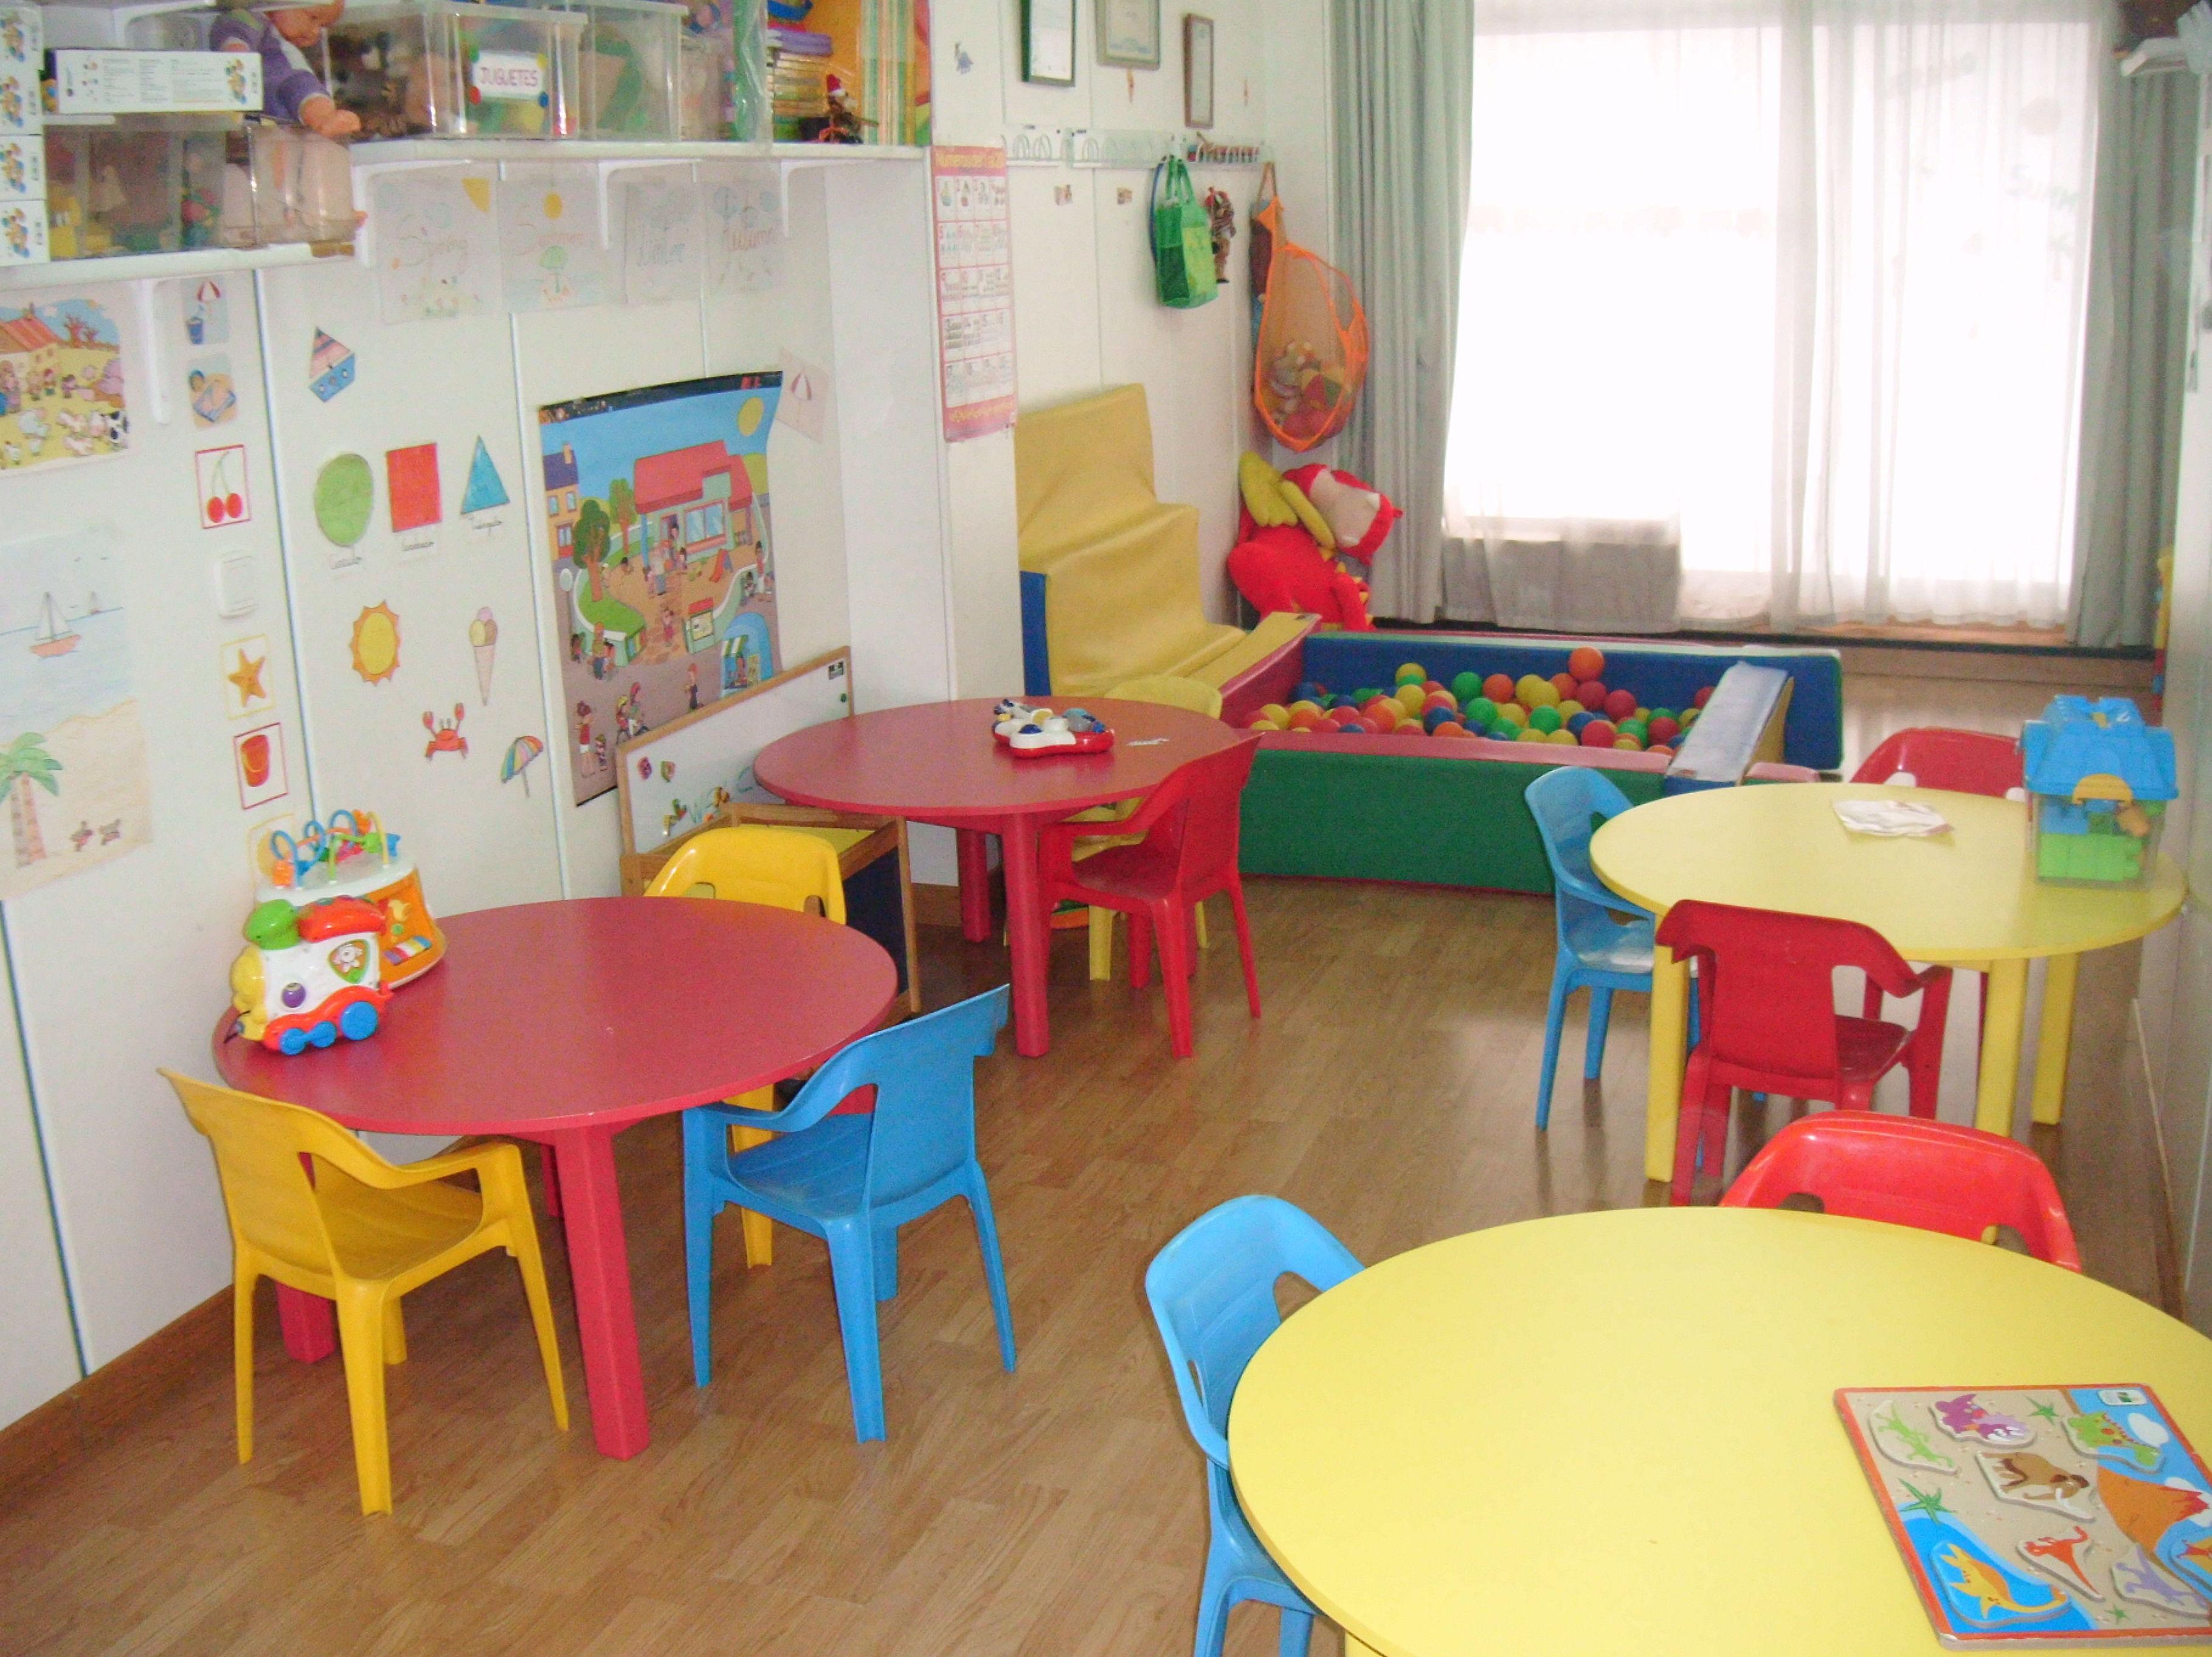 Foto 1 de Guarderías y Escuelas infantiles en Madrid | Centro Vida